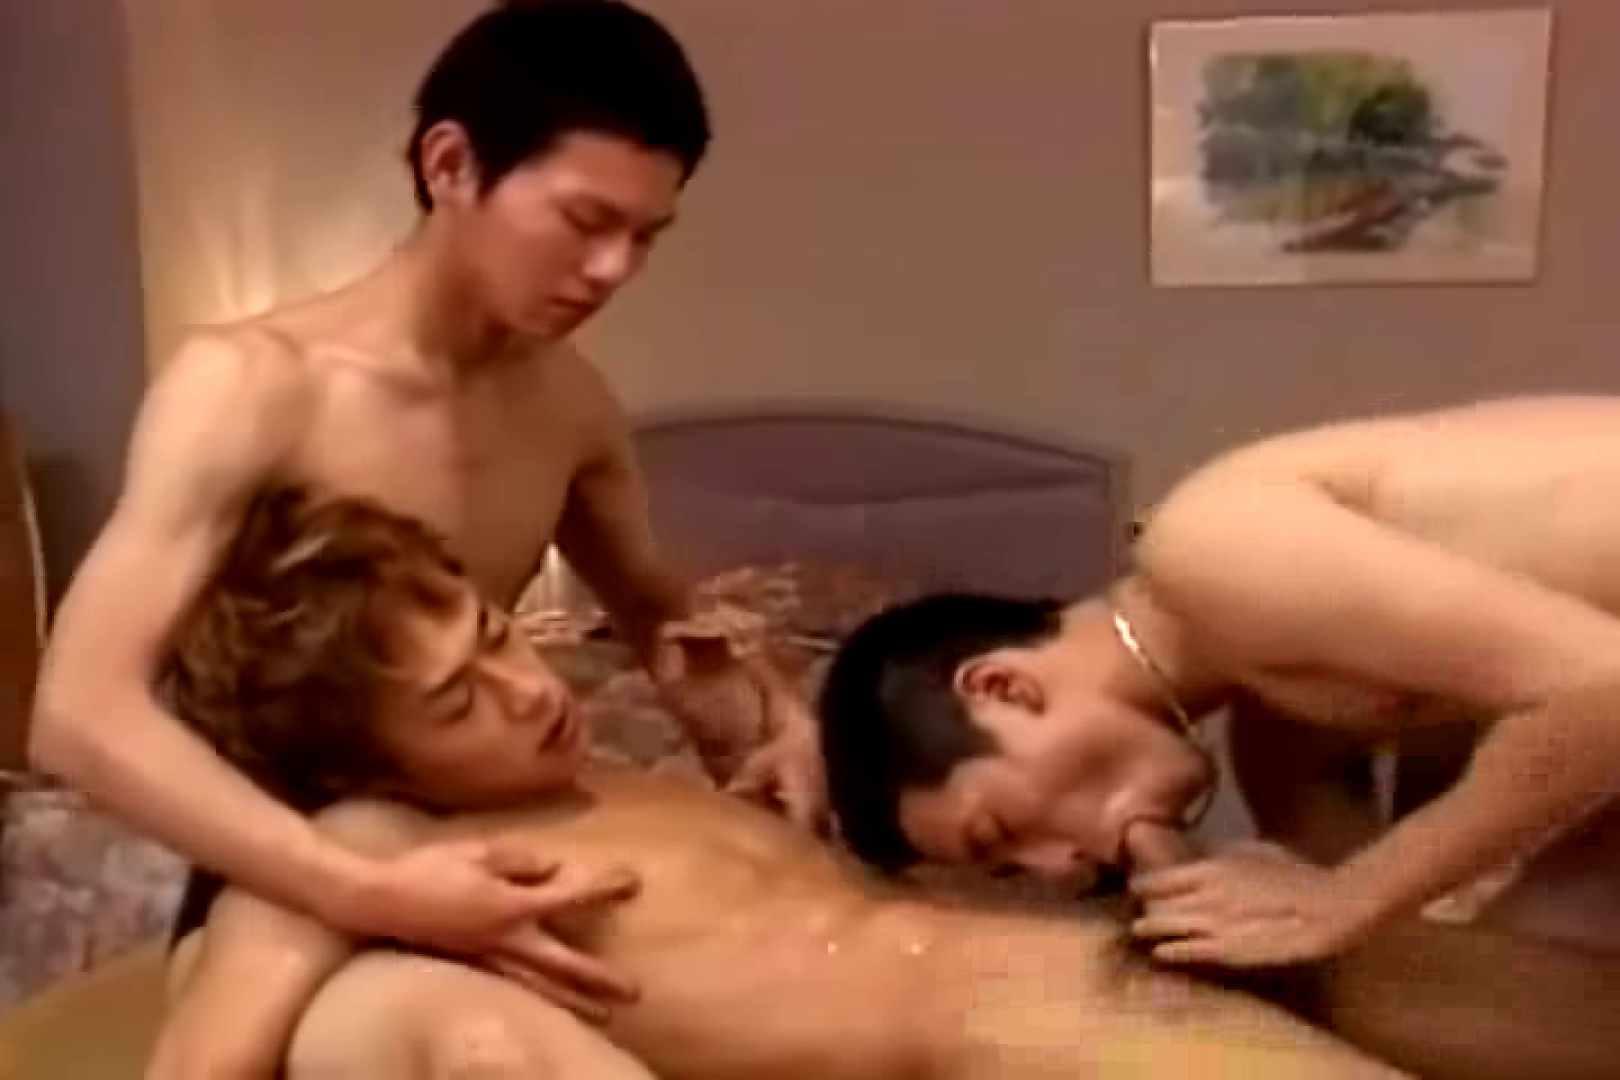 イケメン3人衆モッコリパラダイス!! 無修正 ゲイ無修正動画画像 51pic 4